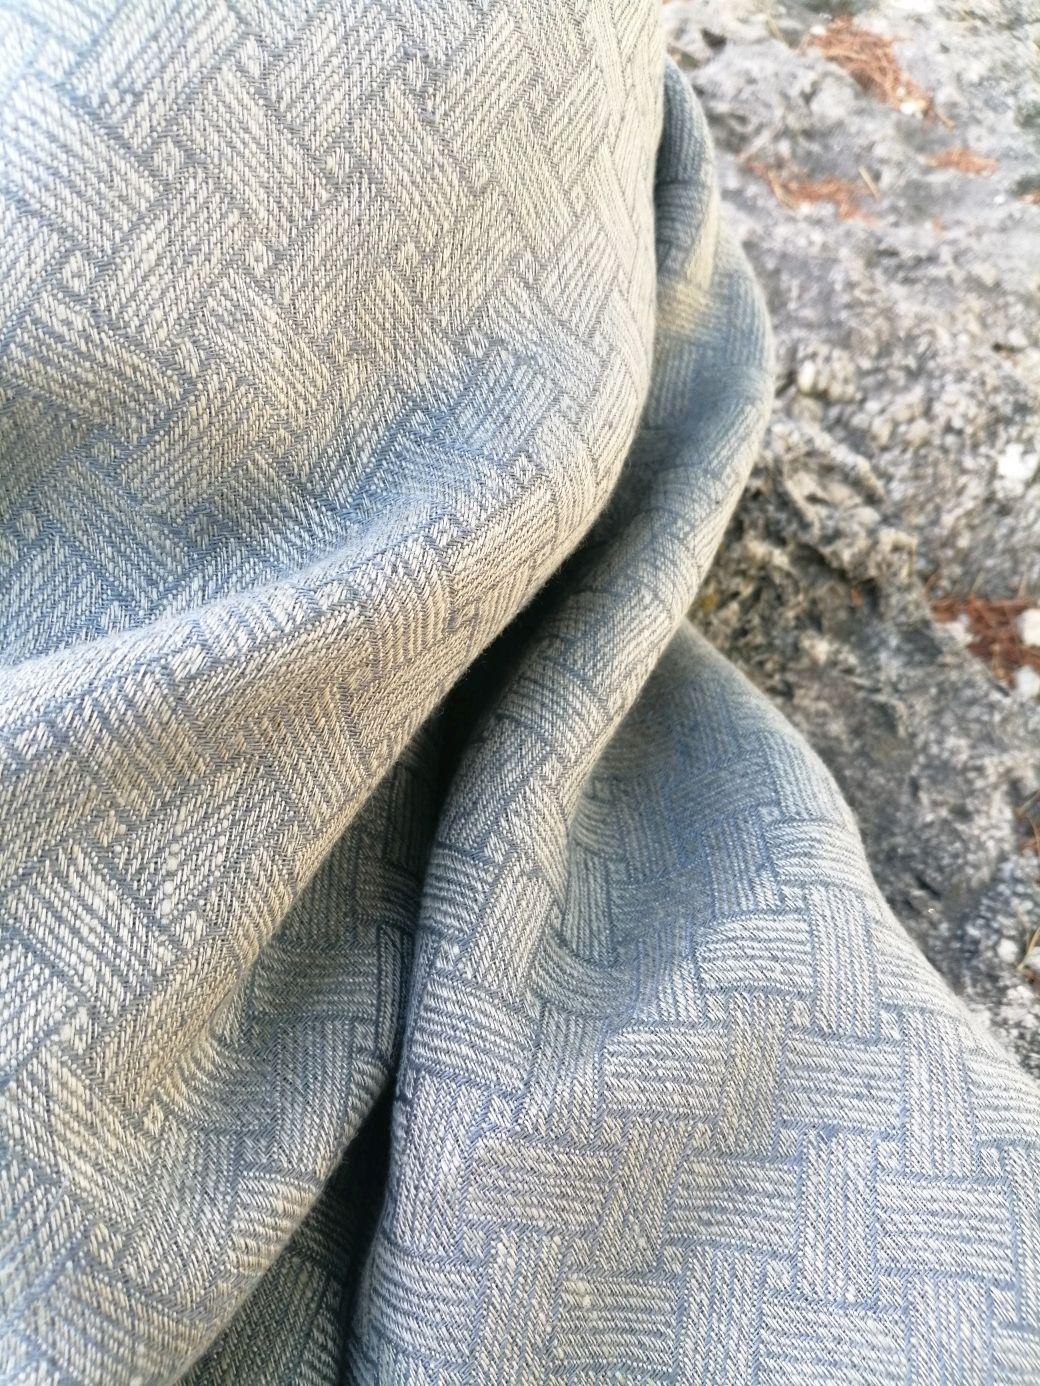 Ткани лен для одежды купить фильтровальная ткань для воздушных фильтров купить в москве